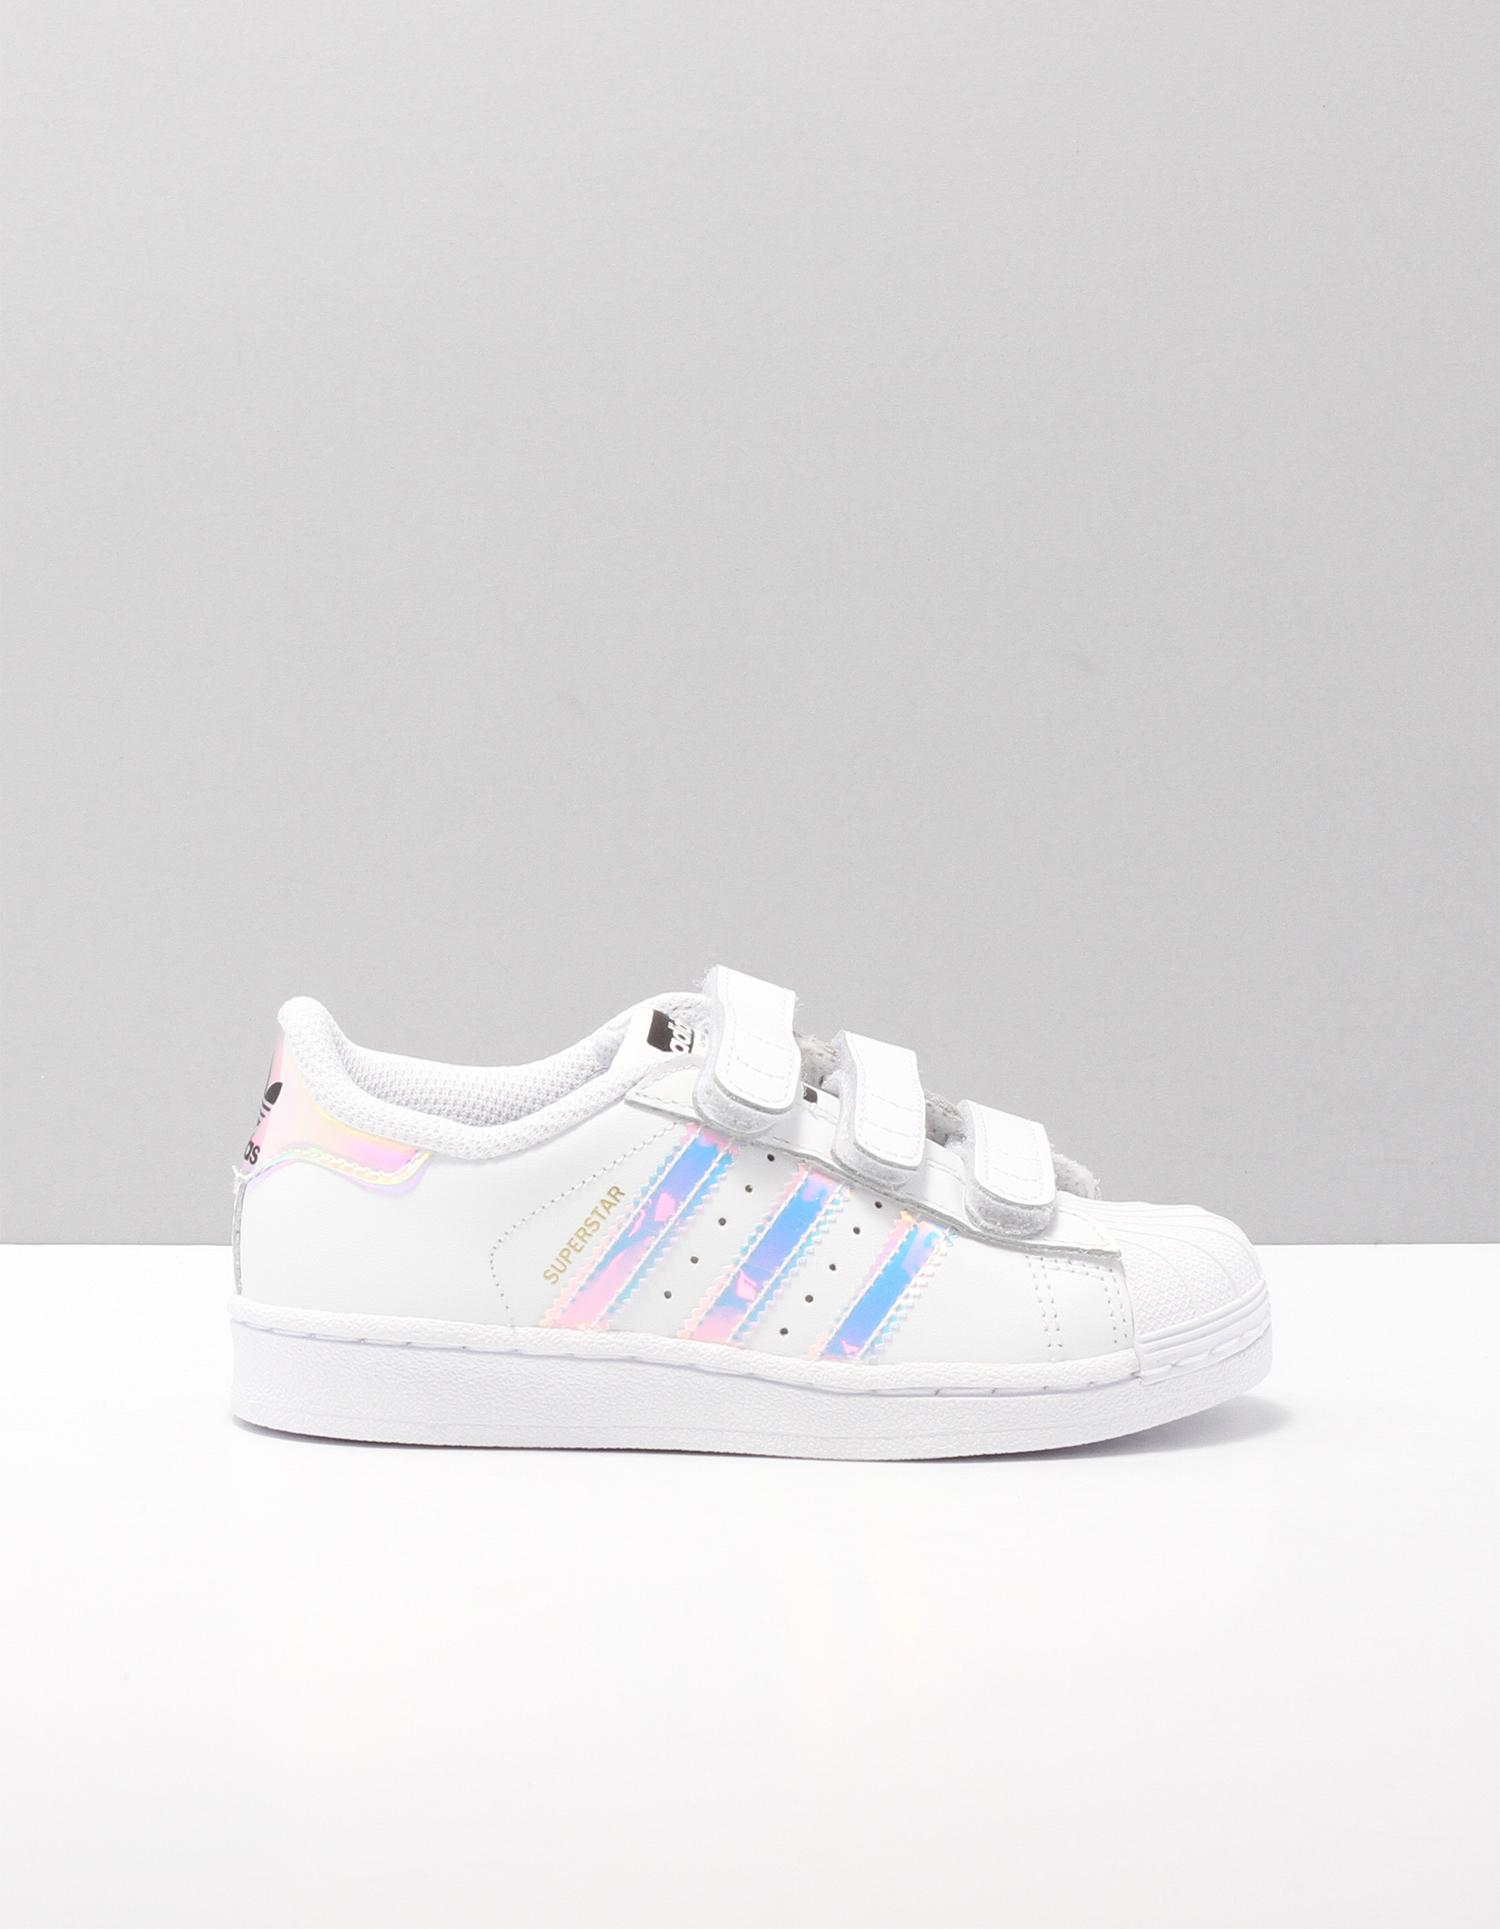 dcf7d2baeb8 De SUPERSTAR FOUNDATION schoenen met klittenband van Adidas bestellen   by  SHUZ